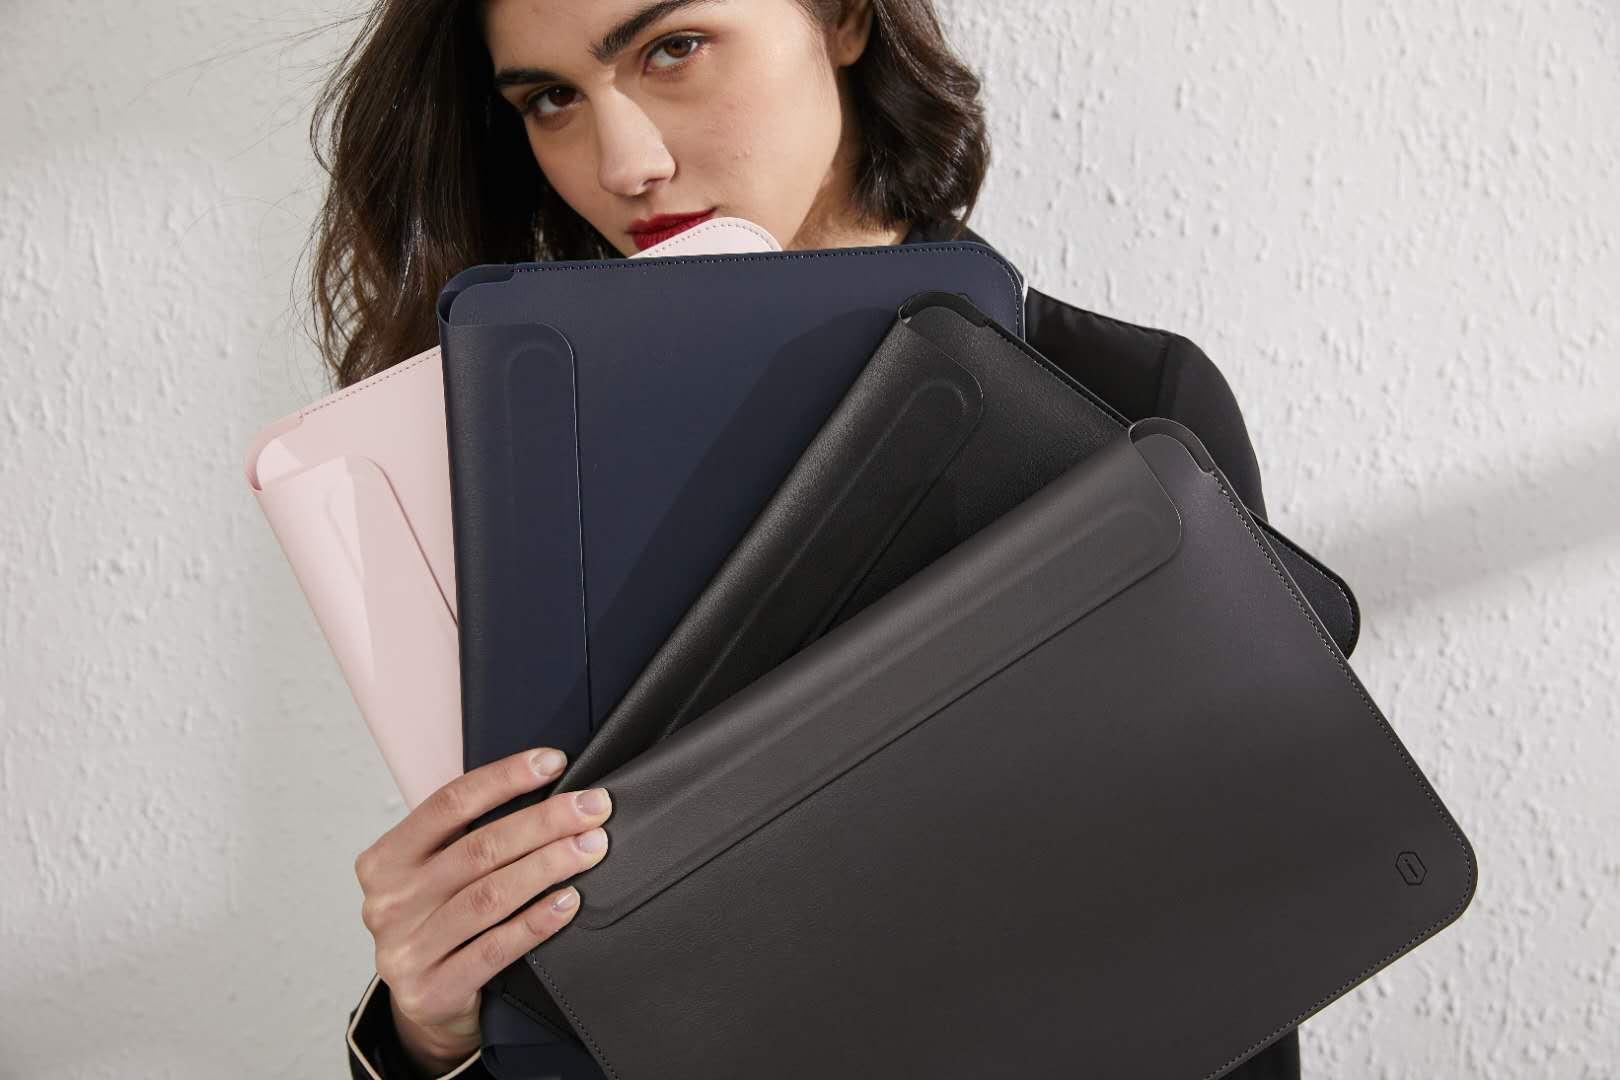 Waterproof Sleeve for Macbook